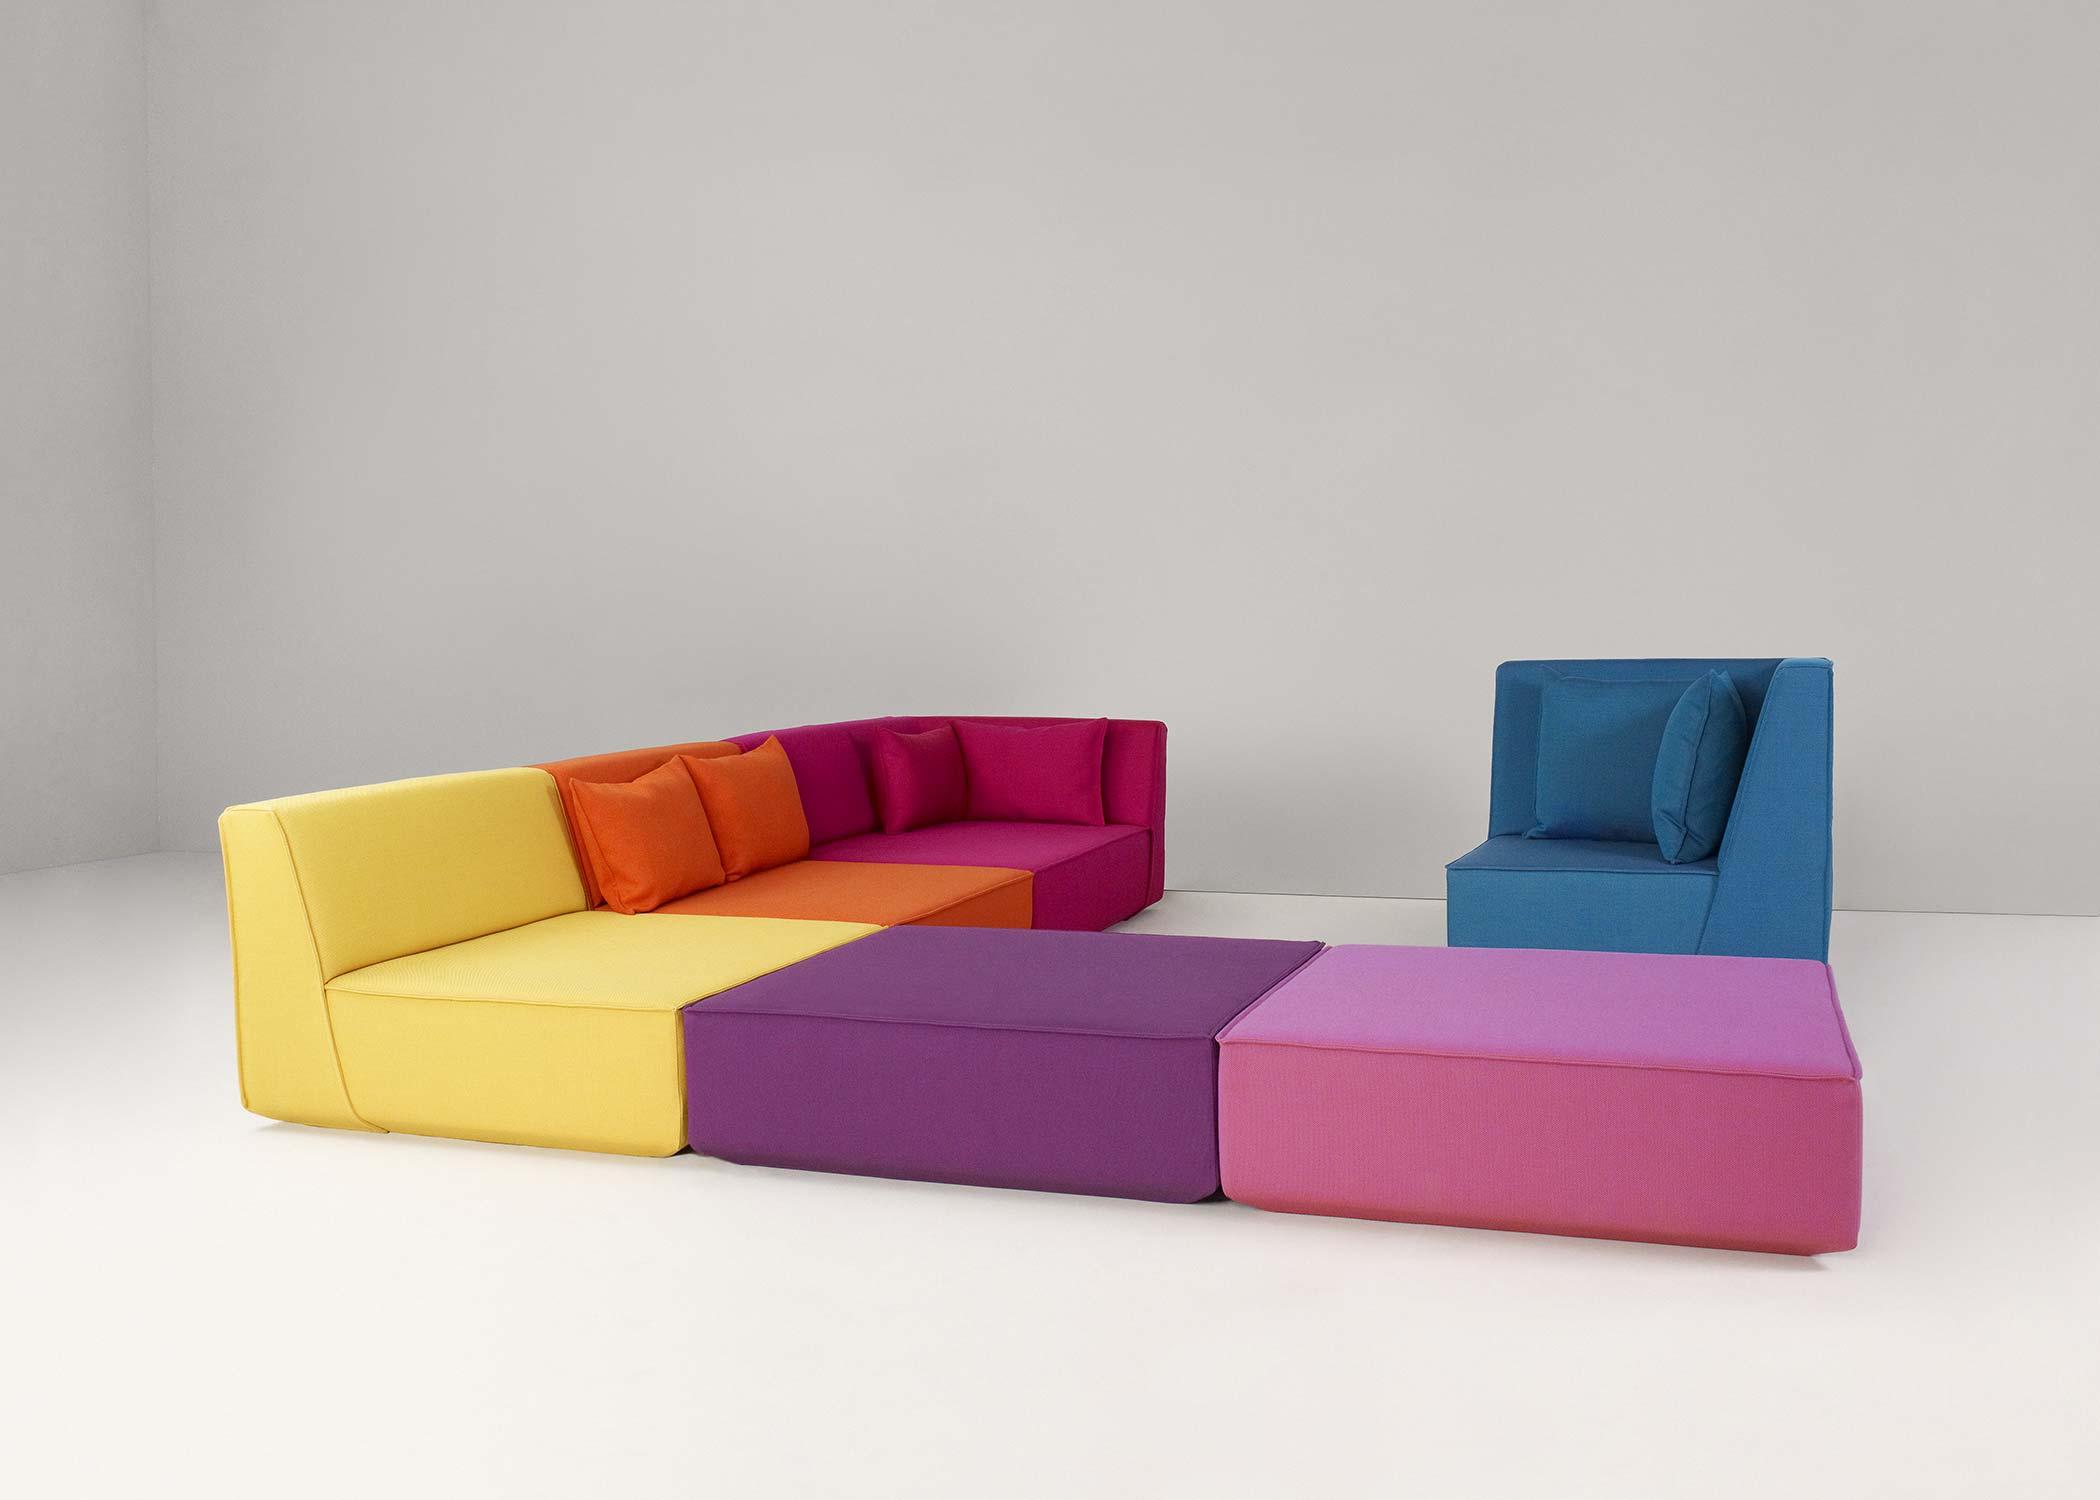 Canap Modulable Multicolore